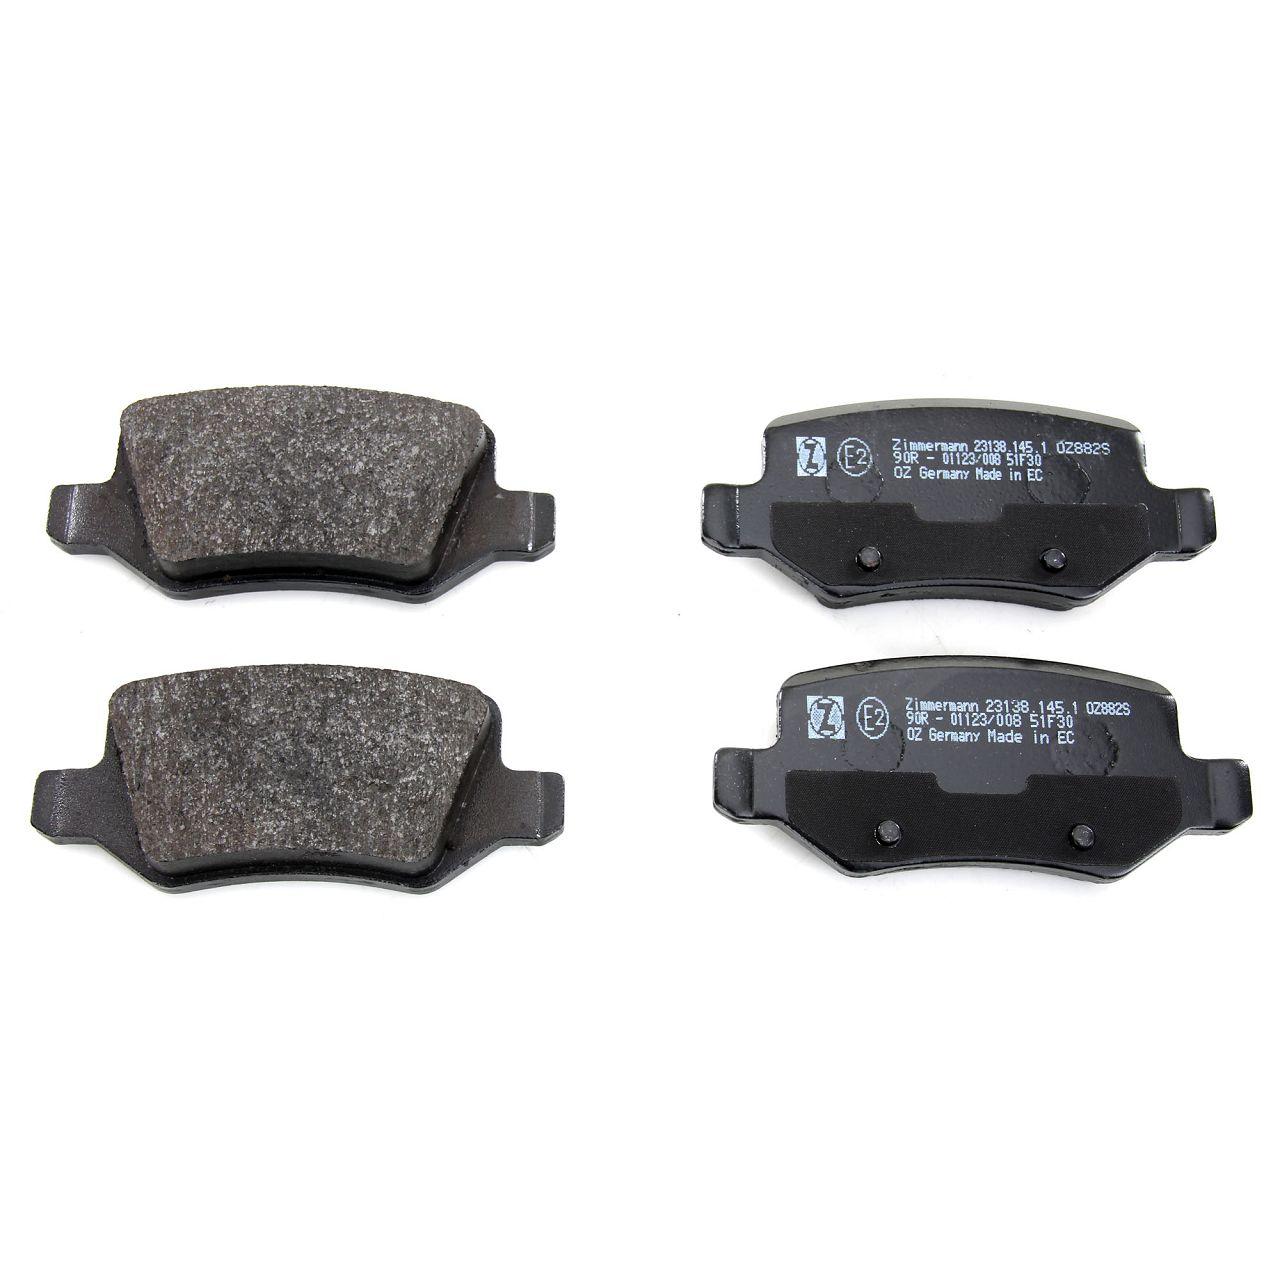 ZIMMERMANN Bremsscheiben Beläge MERCEDES W168 A160-210 A170CDI Vaneo 414 hinten